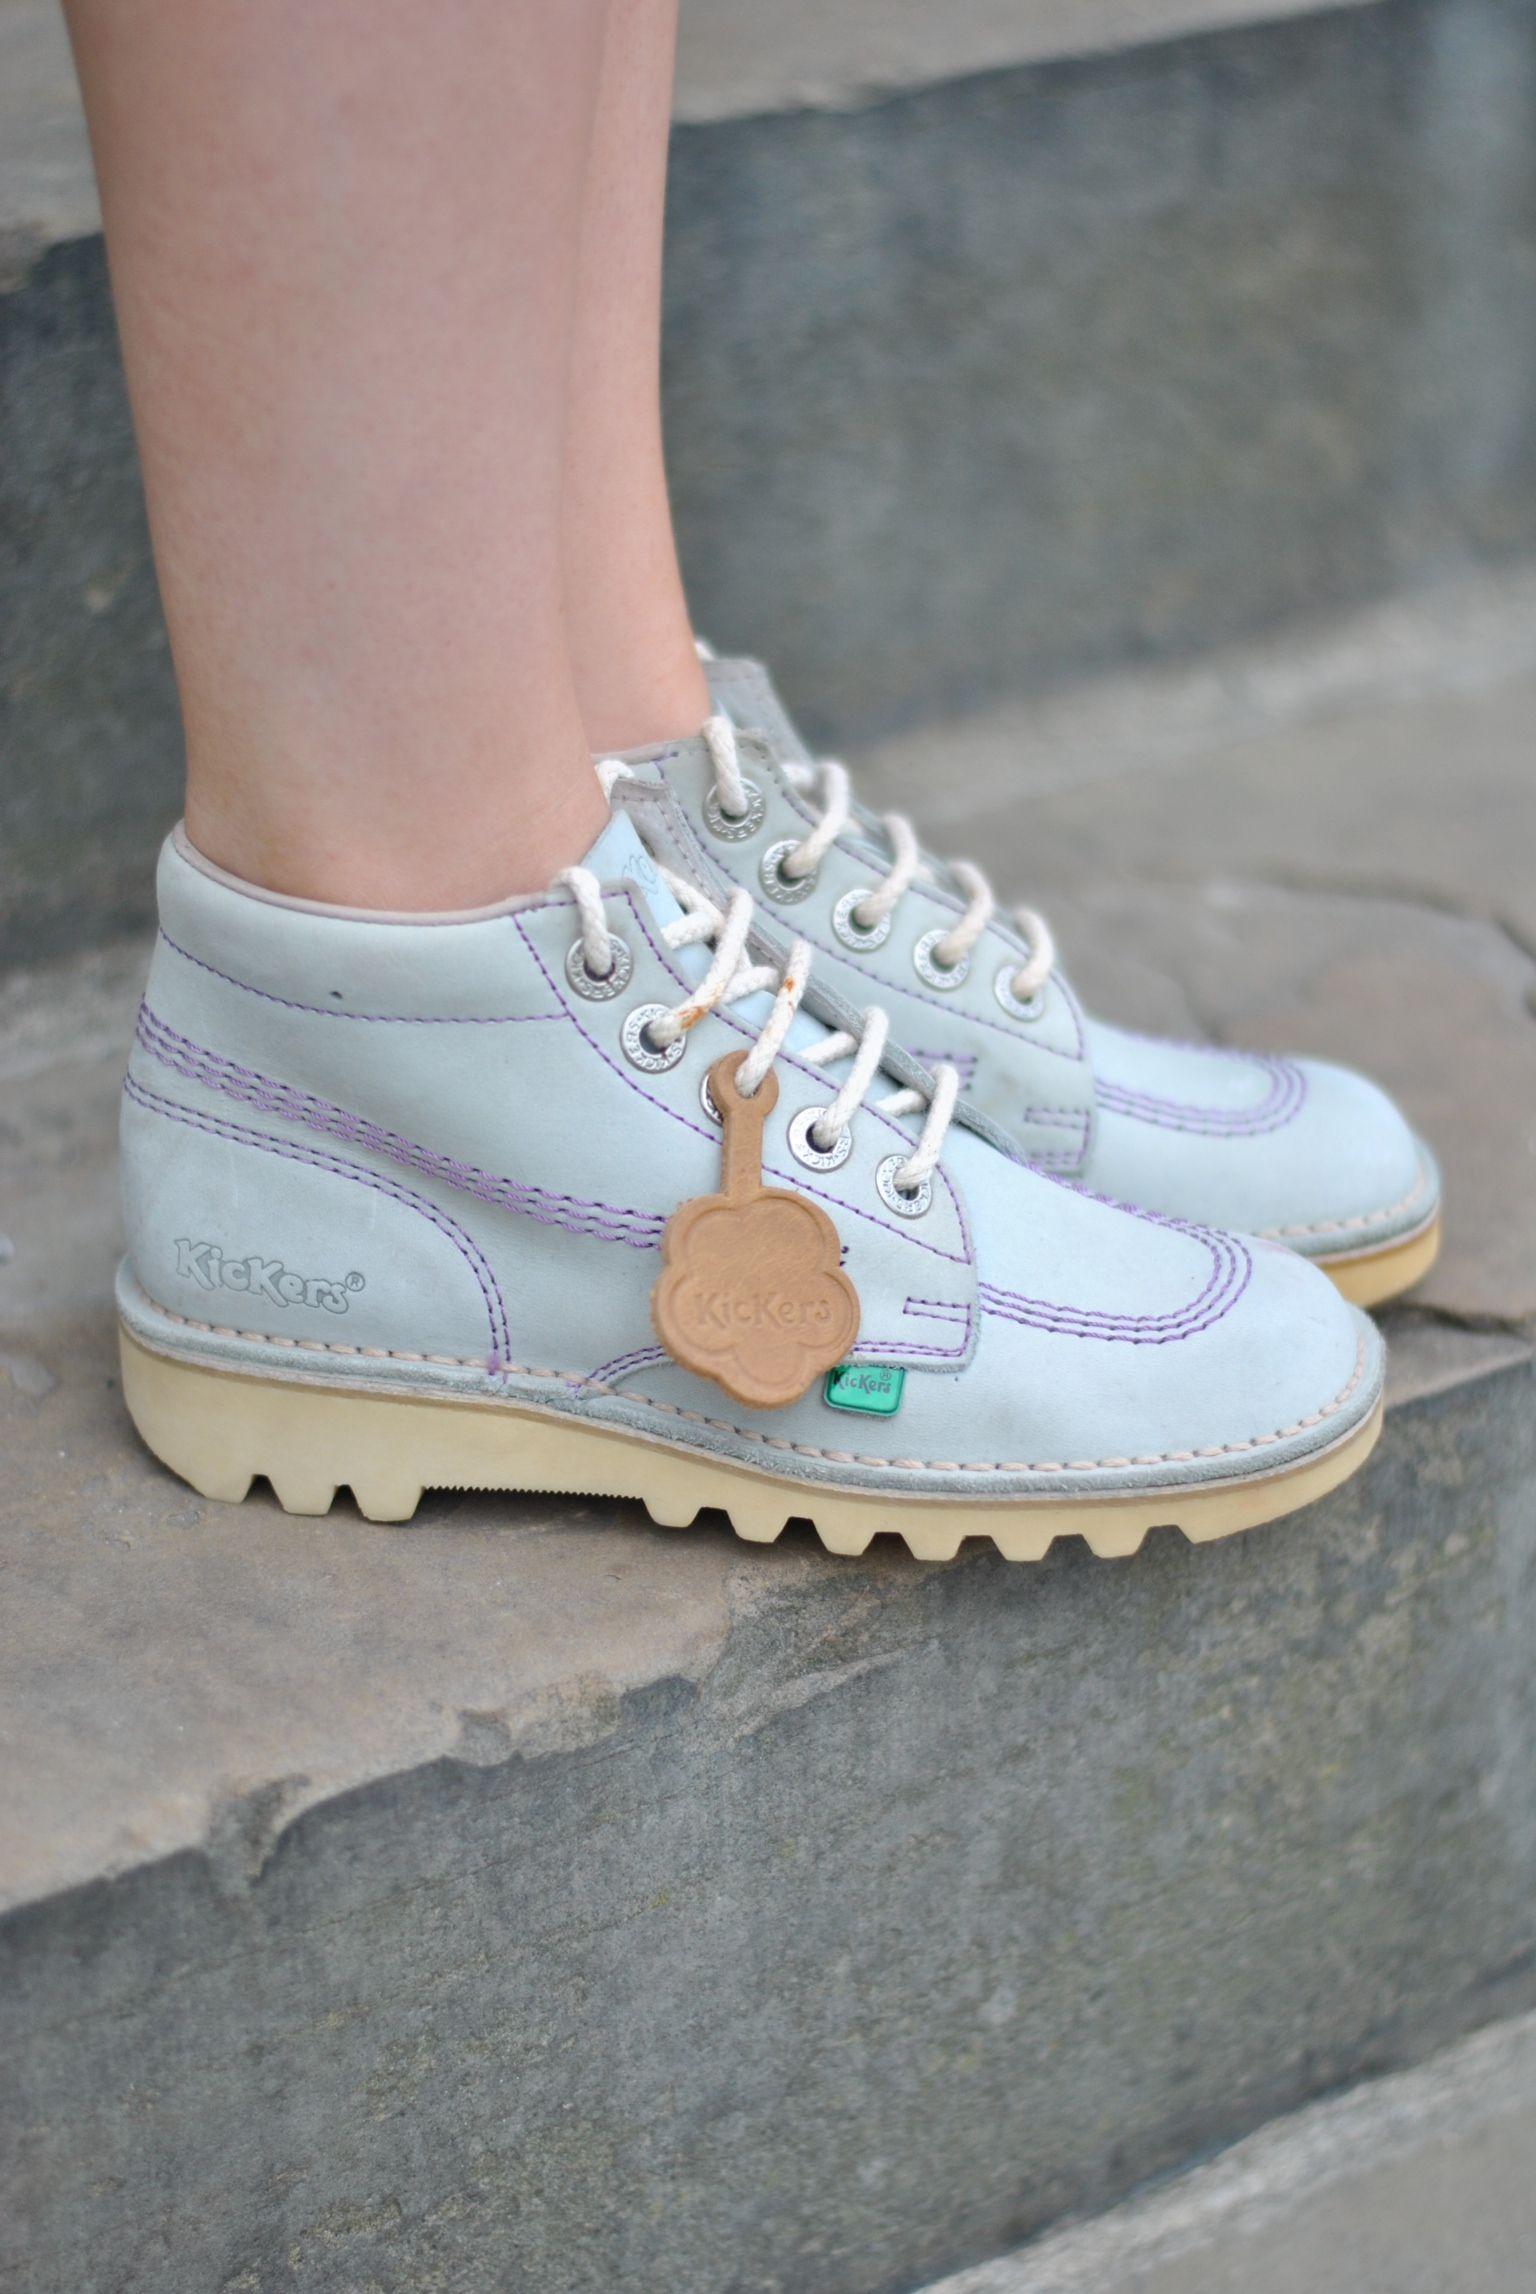 dd970eb9 Lilac kickers x | fagitakia in 2019 | Fashion, Kickers shoes, Shoes